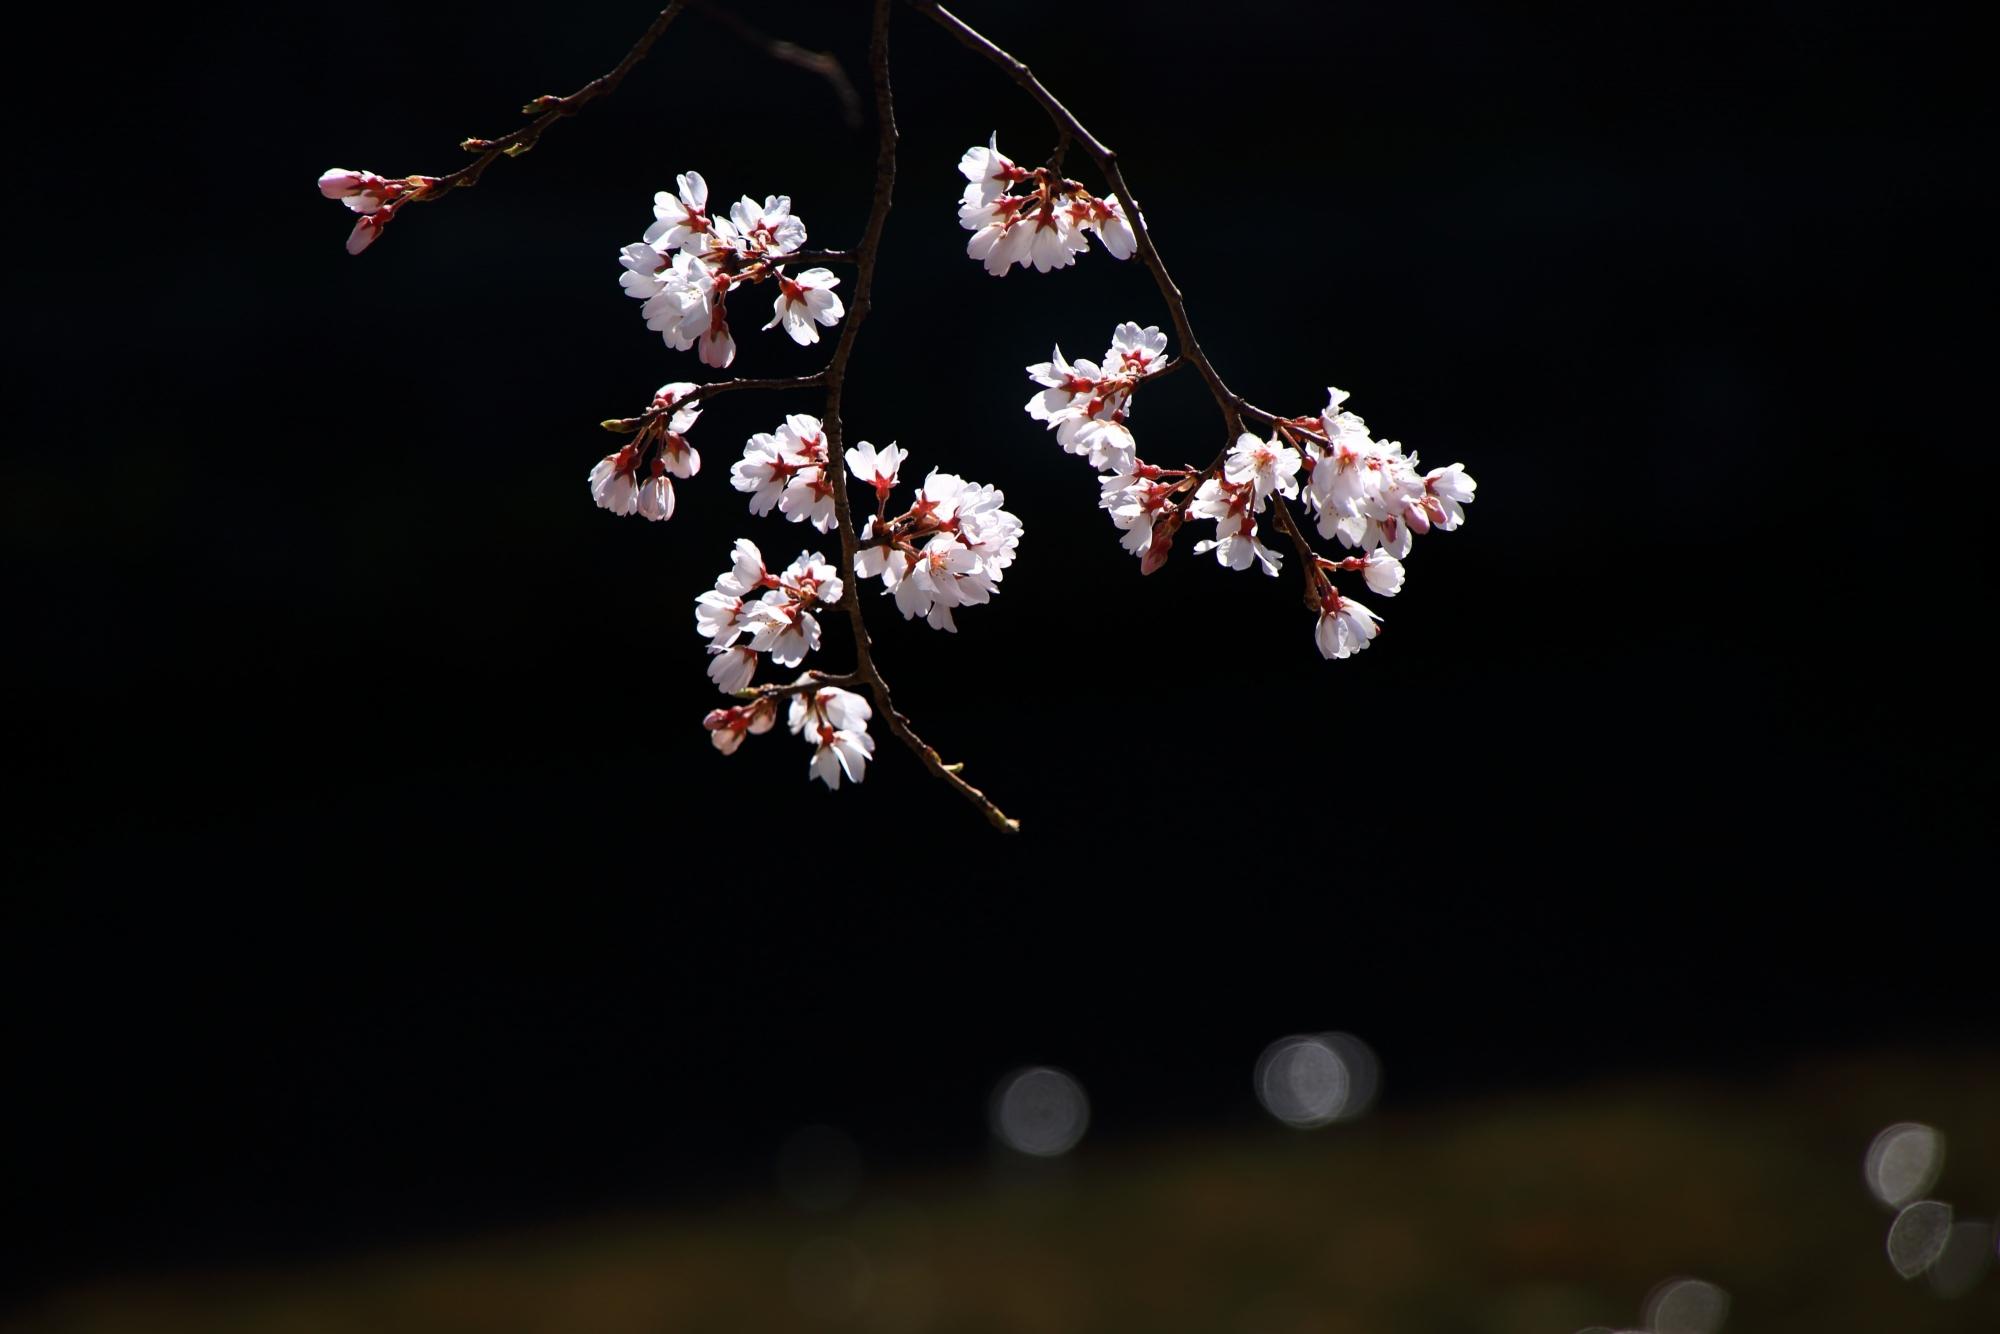 水辺で華やぐ可愛い花